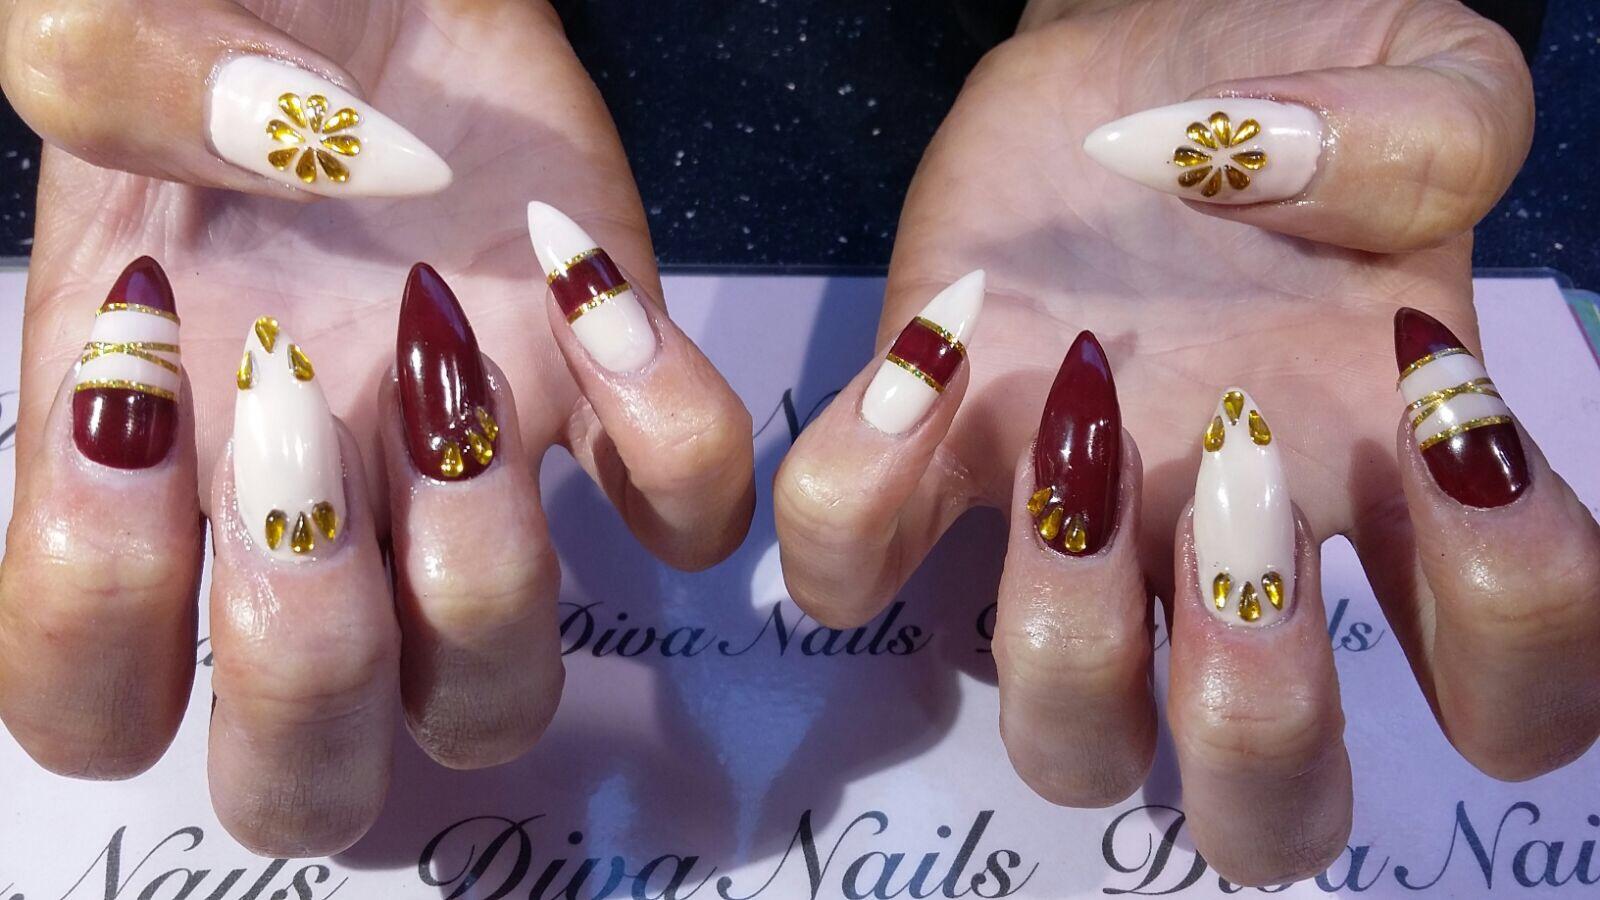 Diva nail bar and nail salon the centre livingston nail bar nail extensions nail art prinsesfo Gallery